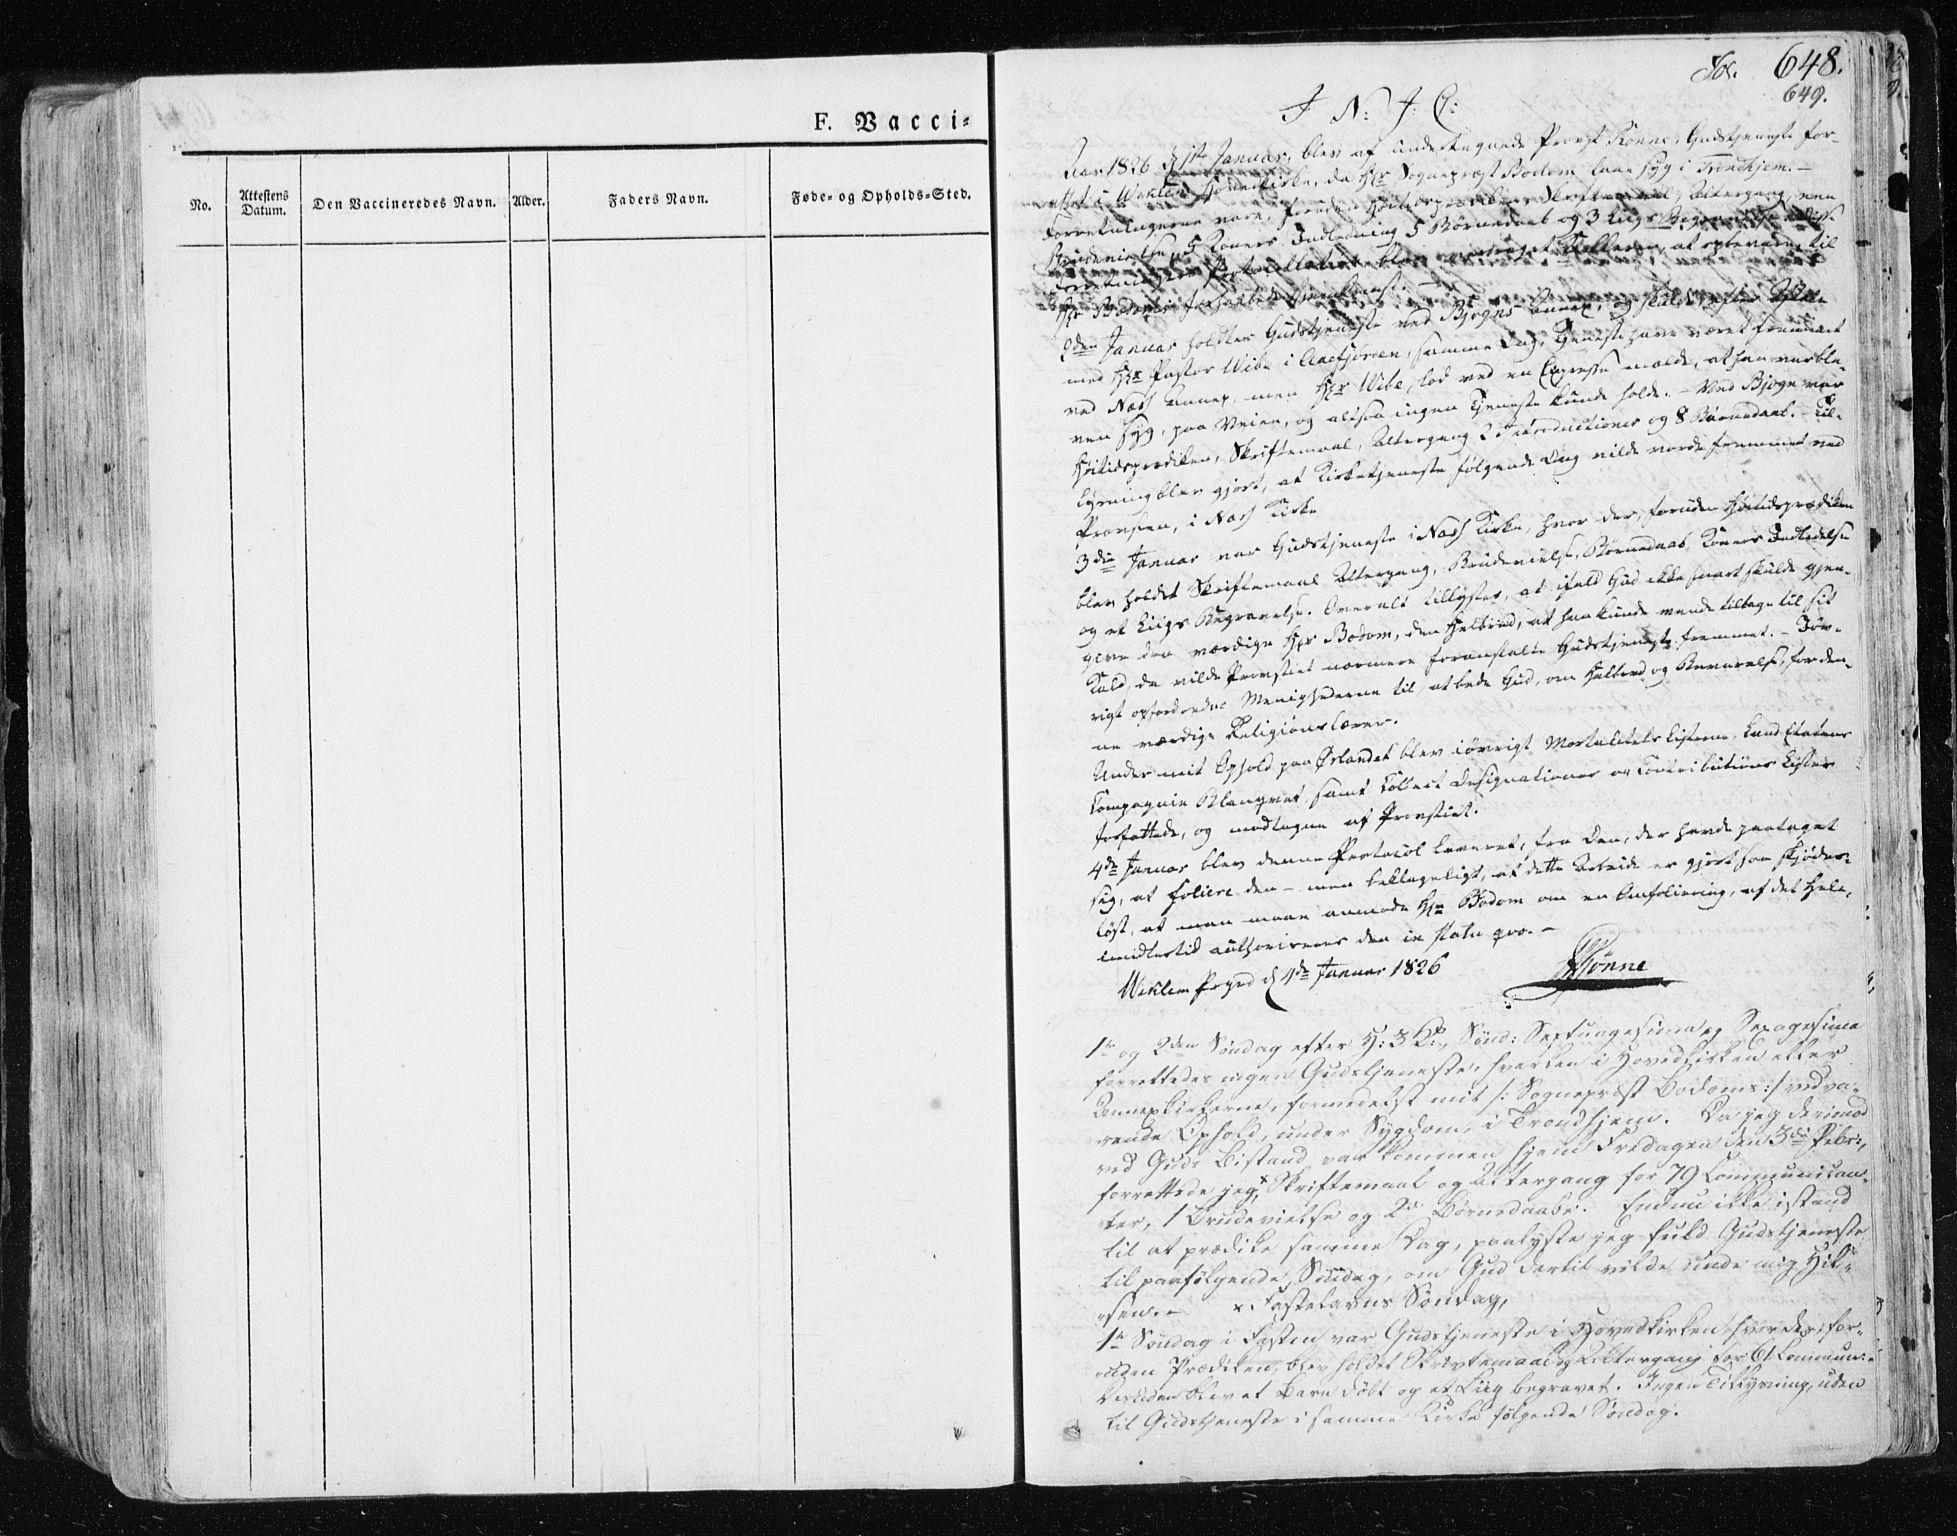 SAT, Ministerialprotokoller, klokkerbøker og fødselsregistre - Sør-Trøndelag, 659/L0735: Ministerialbok nr. 659A05, 1826-1841, s. 648